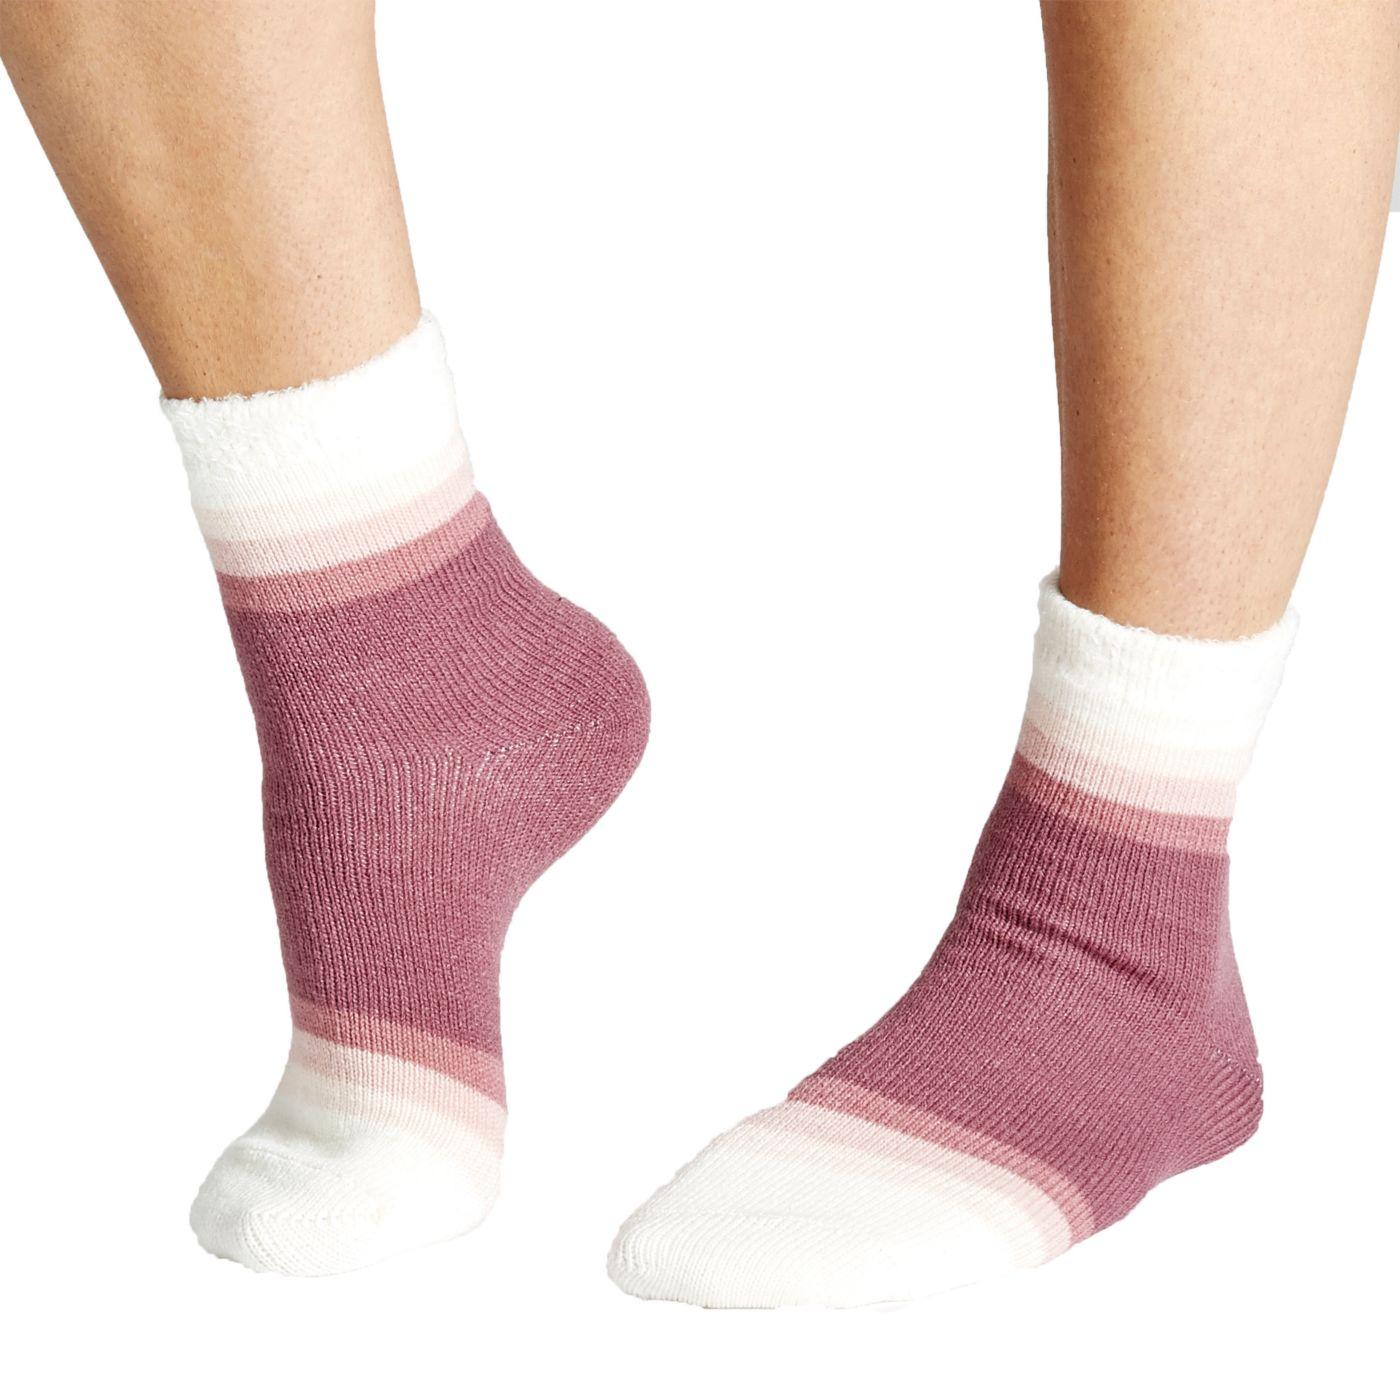 Field & Stream Women's Block Stripe Cozy Cabin Crew Socks